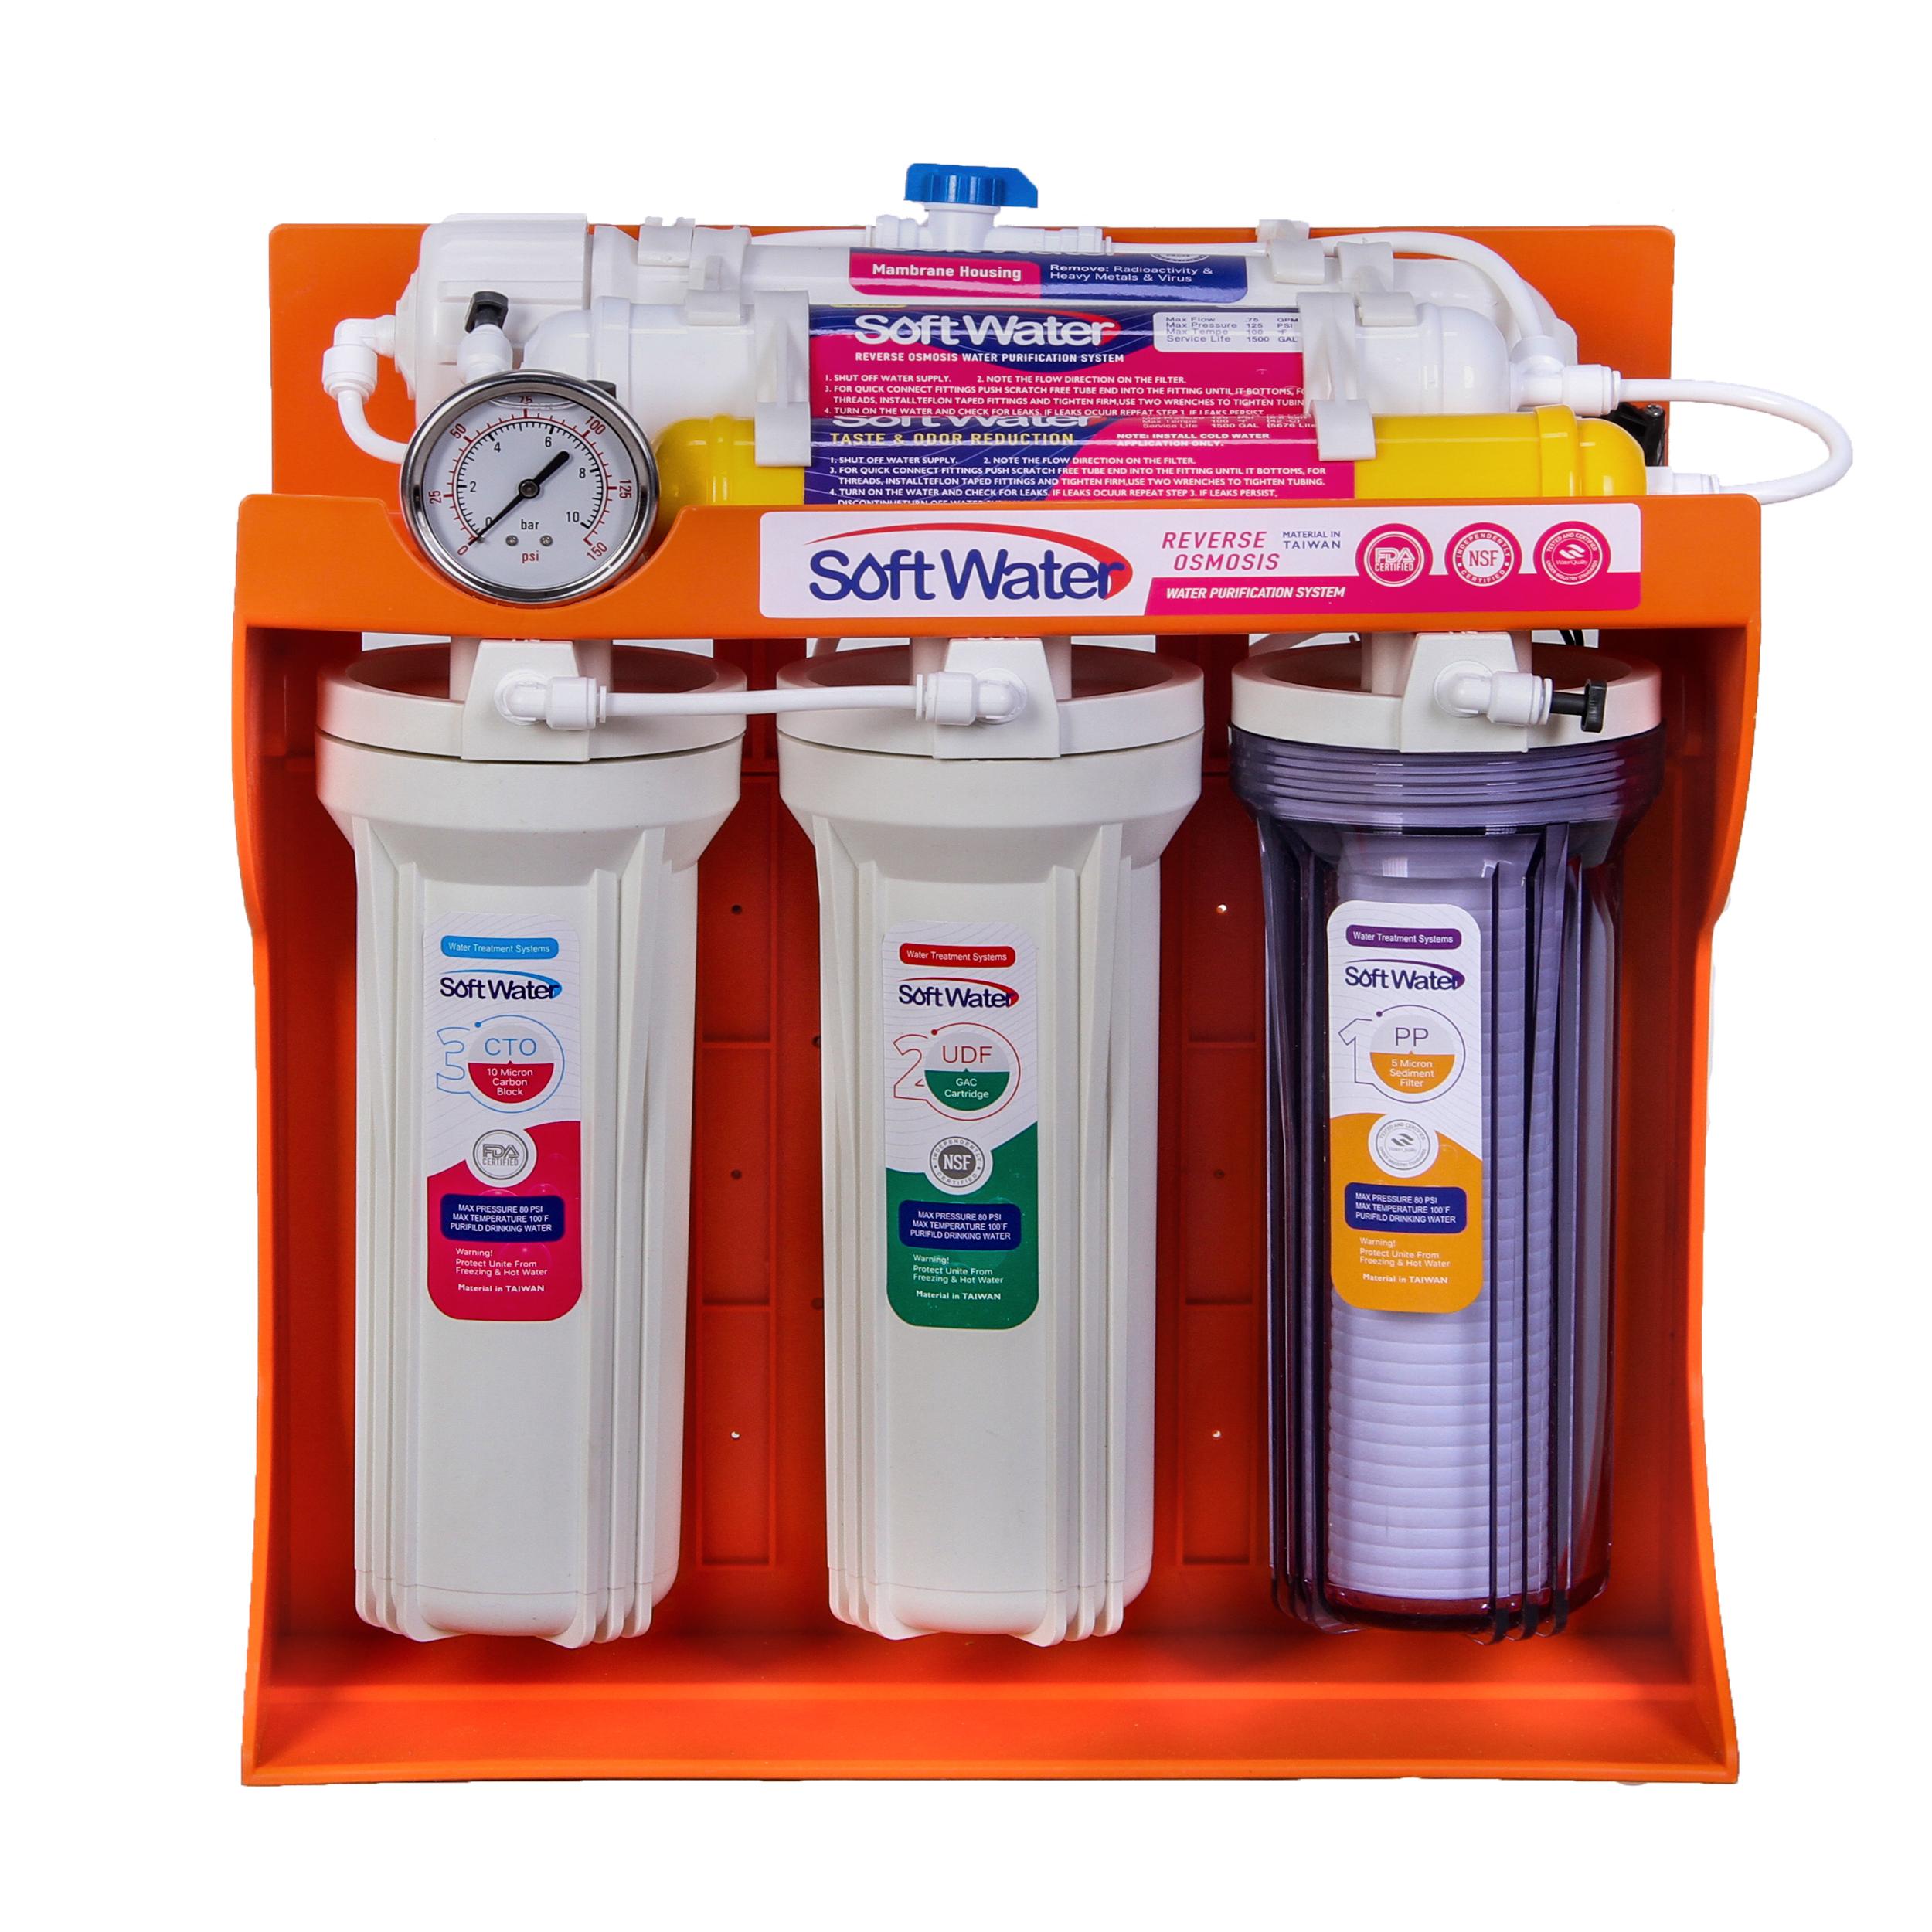 دستگاه تصفیه کننده آب خانگی سافت واتر مدل 01